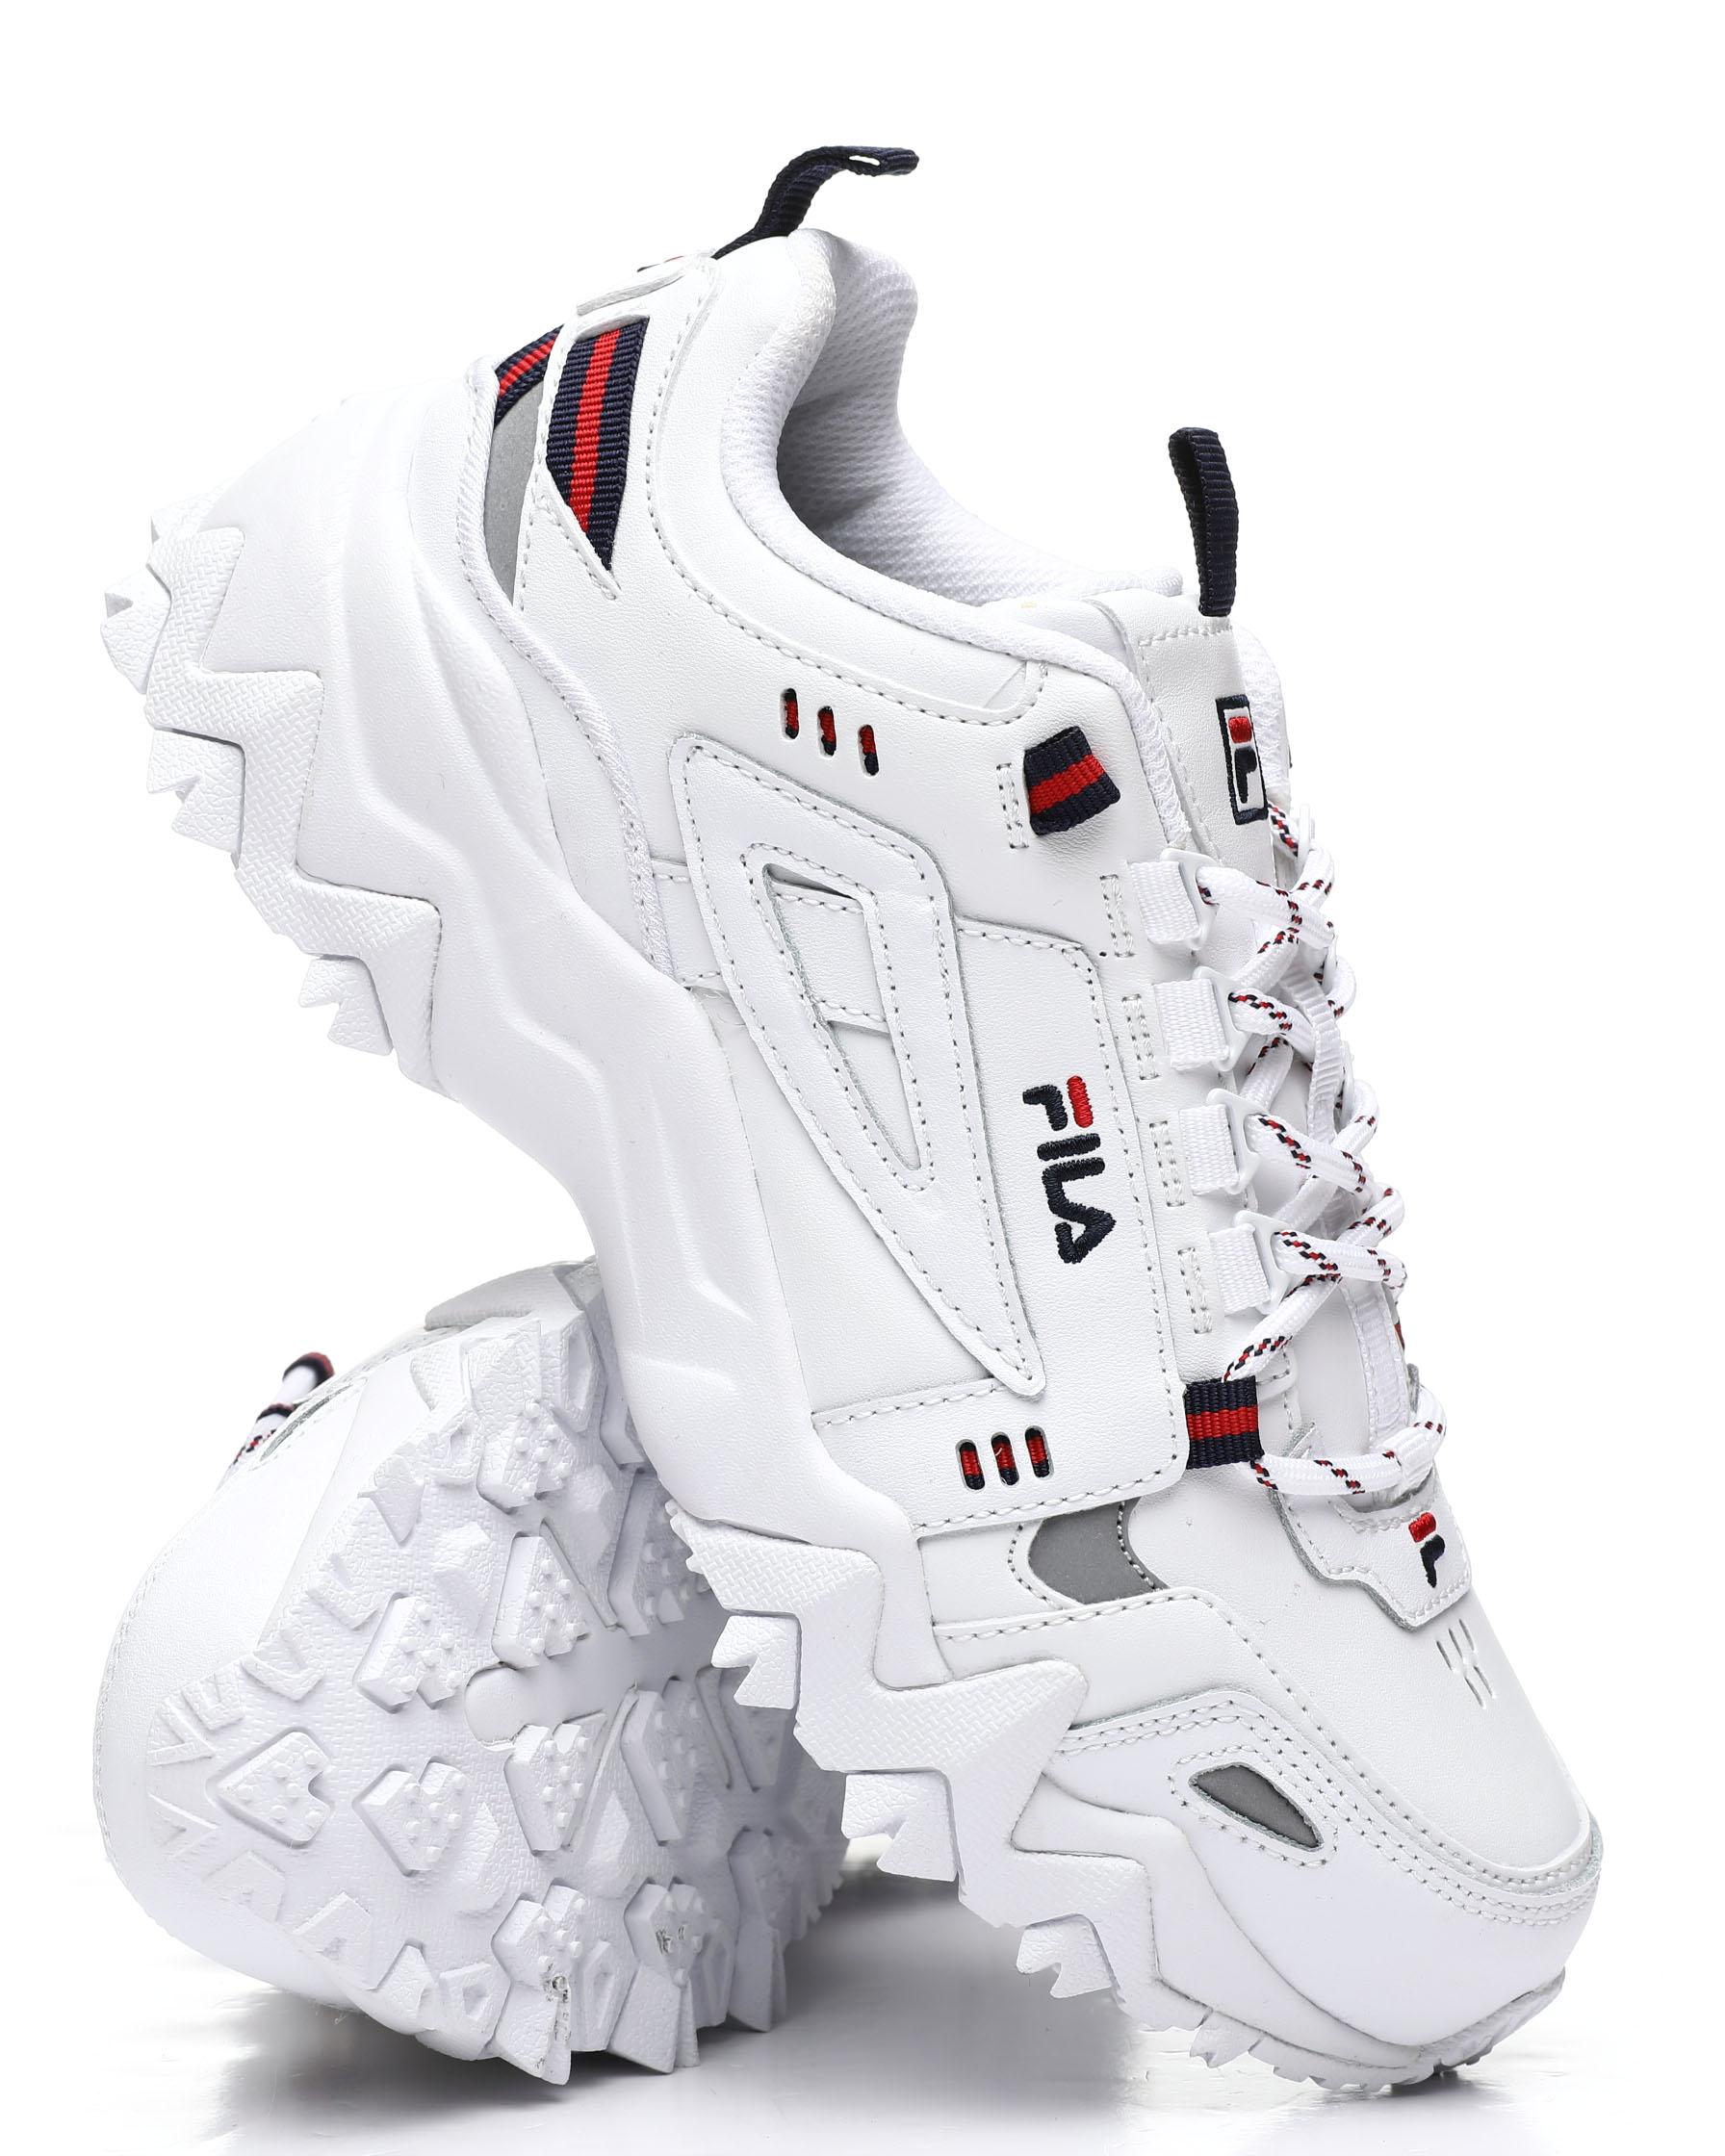 Buy Oakmont TR Sneakers Women's Footwear from Fila. Find